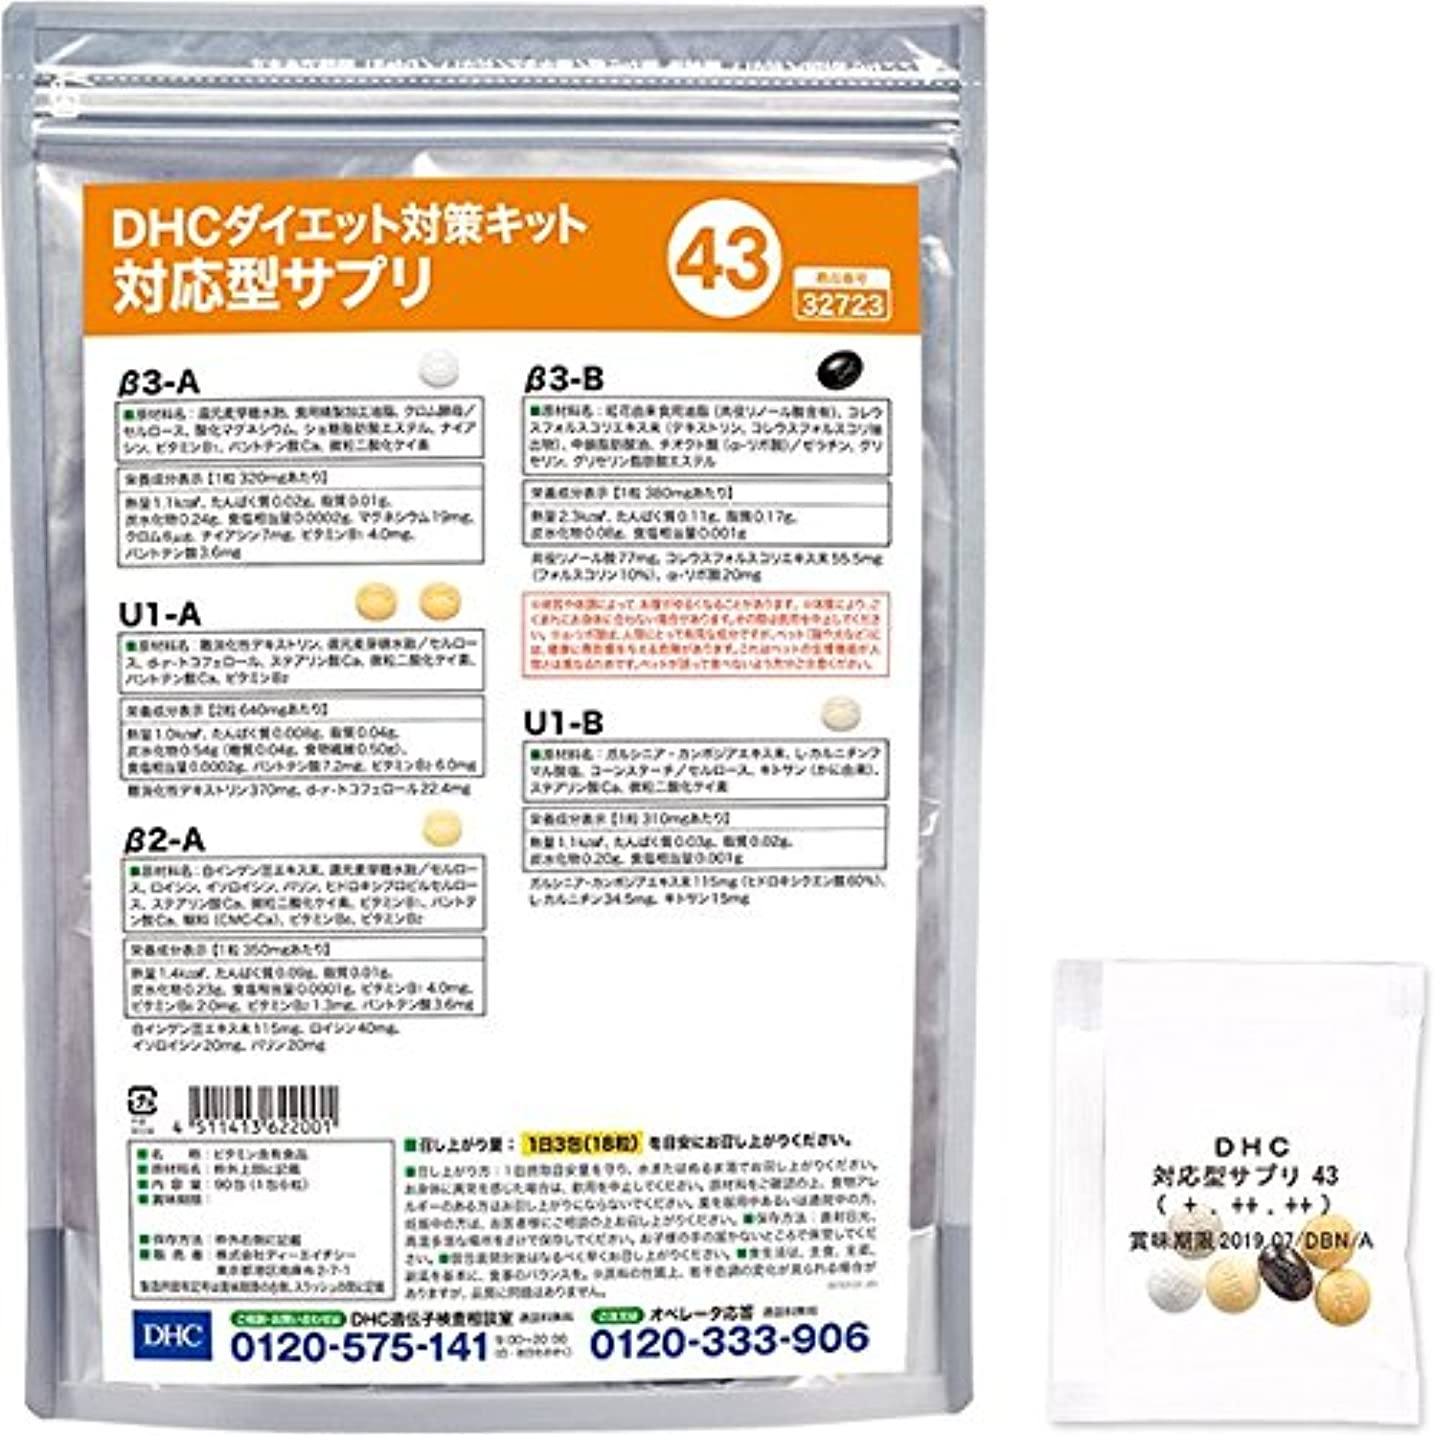 トーン水ジャズDHCダイエット対策キット対応型サプリ43